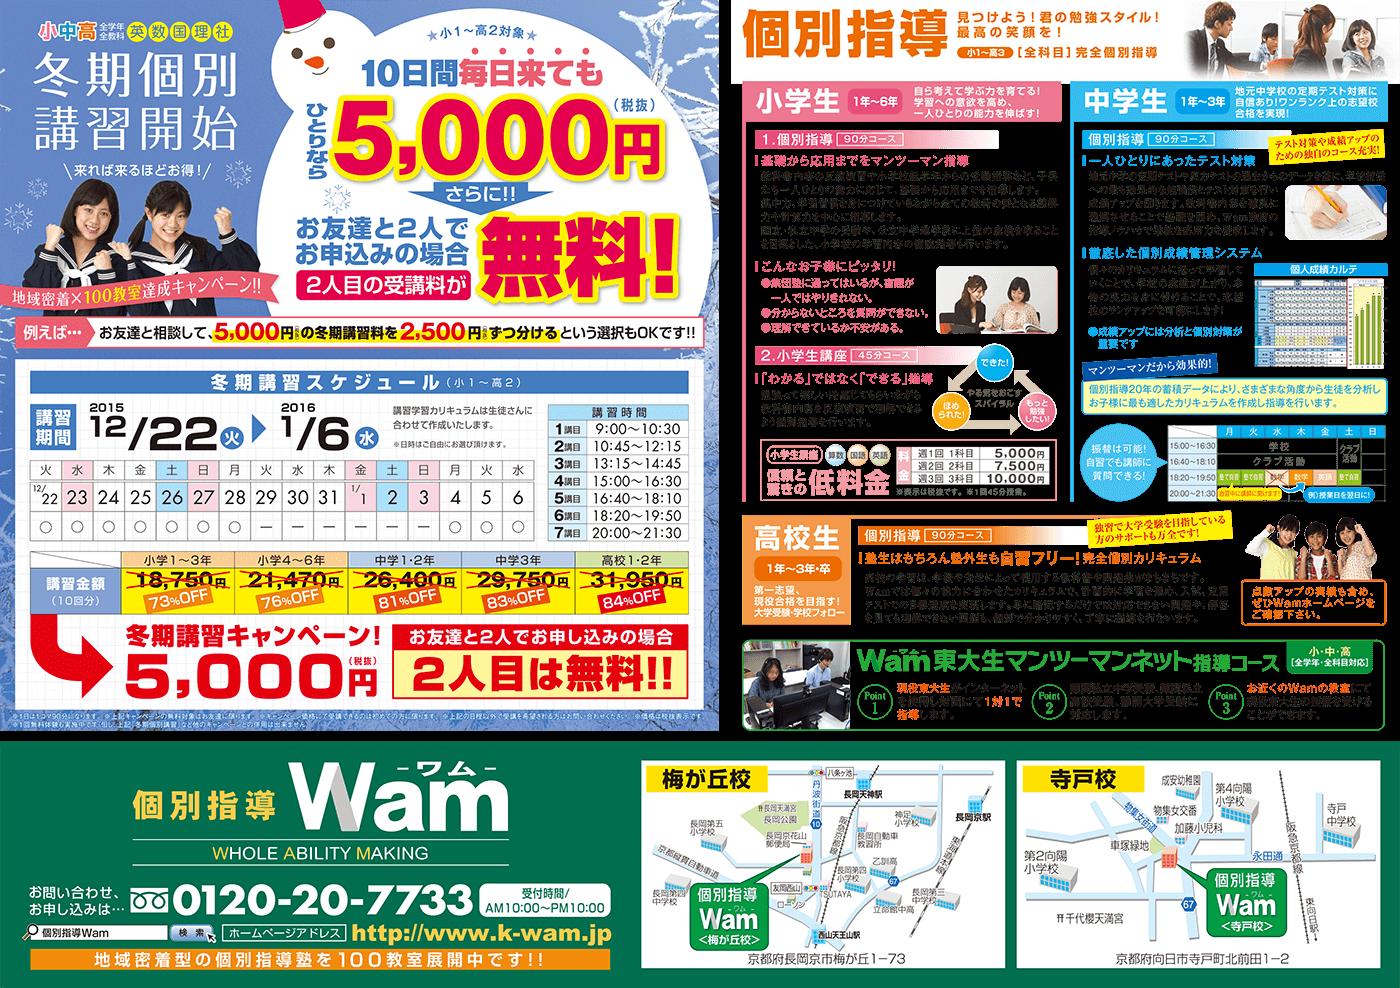 2015年冬期講習 京都・ウラ面